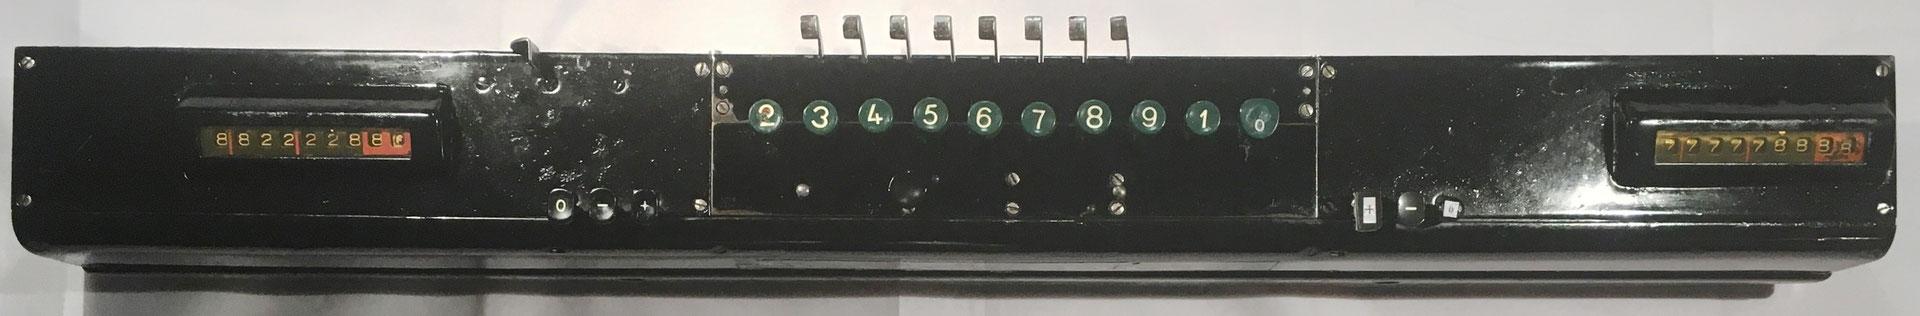 Vista superior de la calculadora SALDOMAR, los totalizadores operan de forma independiente mediante las tres teclas 0, -, +